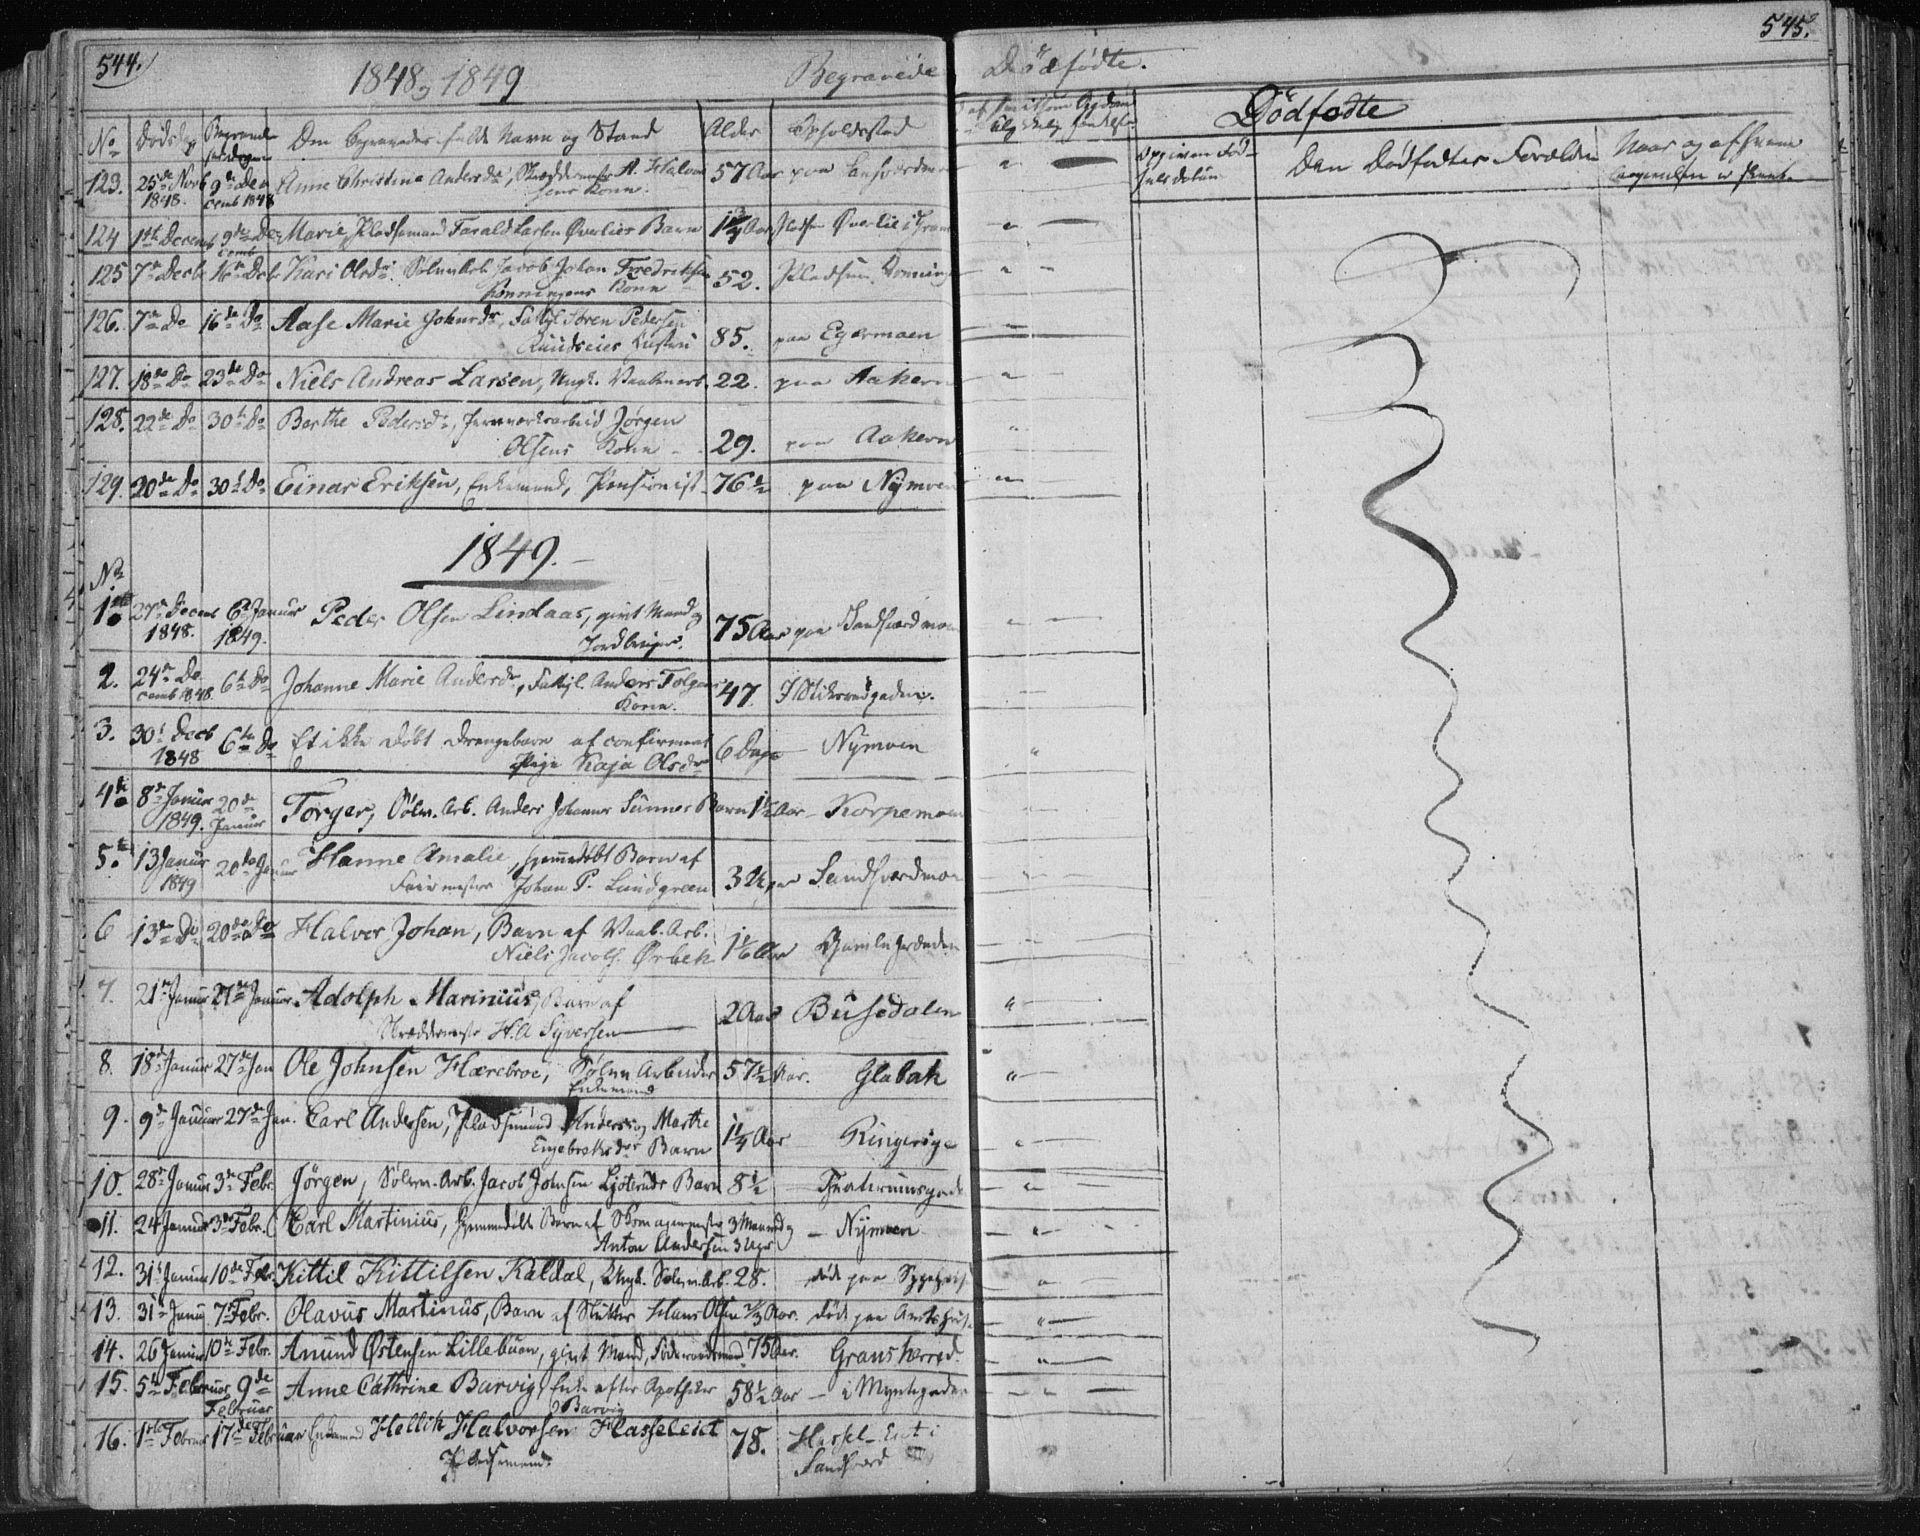 SAKO, Kongsberg kirkebøker, F/Fa/L0009: Ministerialbok nr. I 9, 1839-1858, s. 544-545